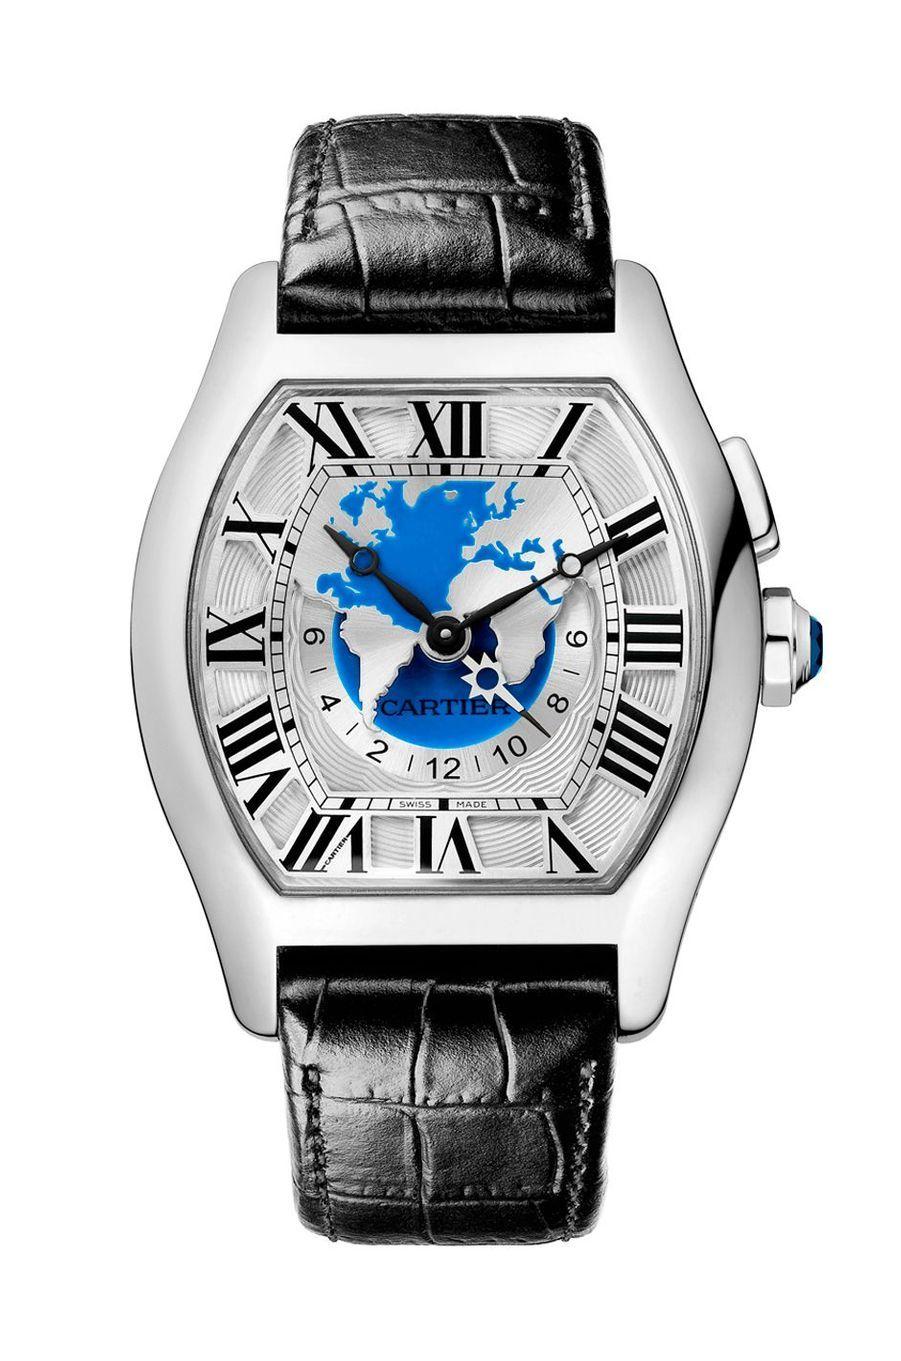 Tortue Multifuseau XXL en or gris, mouvement automatique, bracelet en alligator, 44 900 €. Cartier.